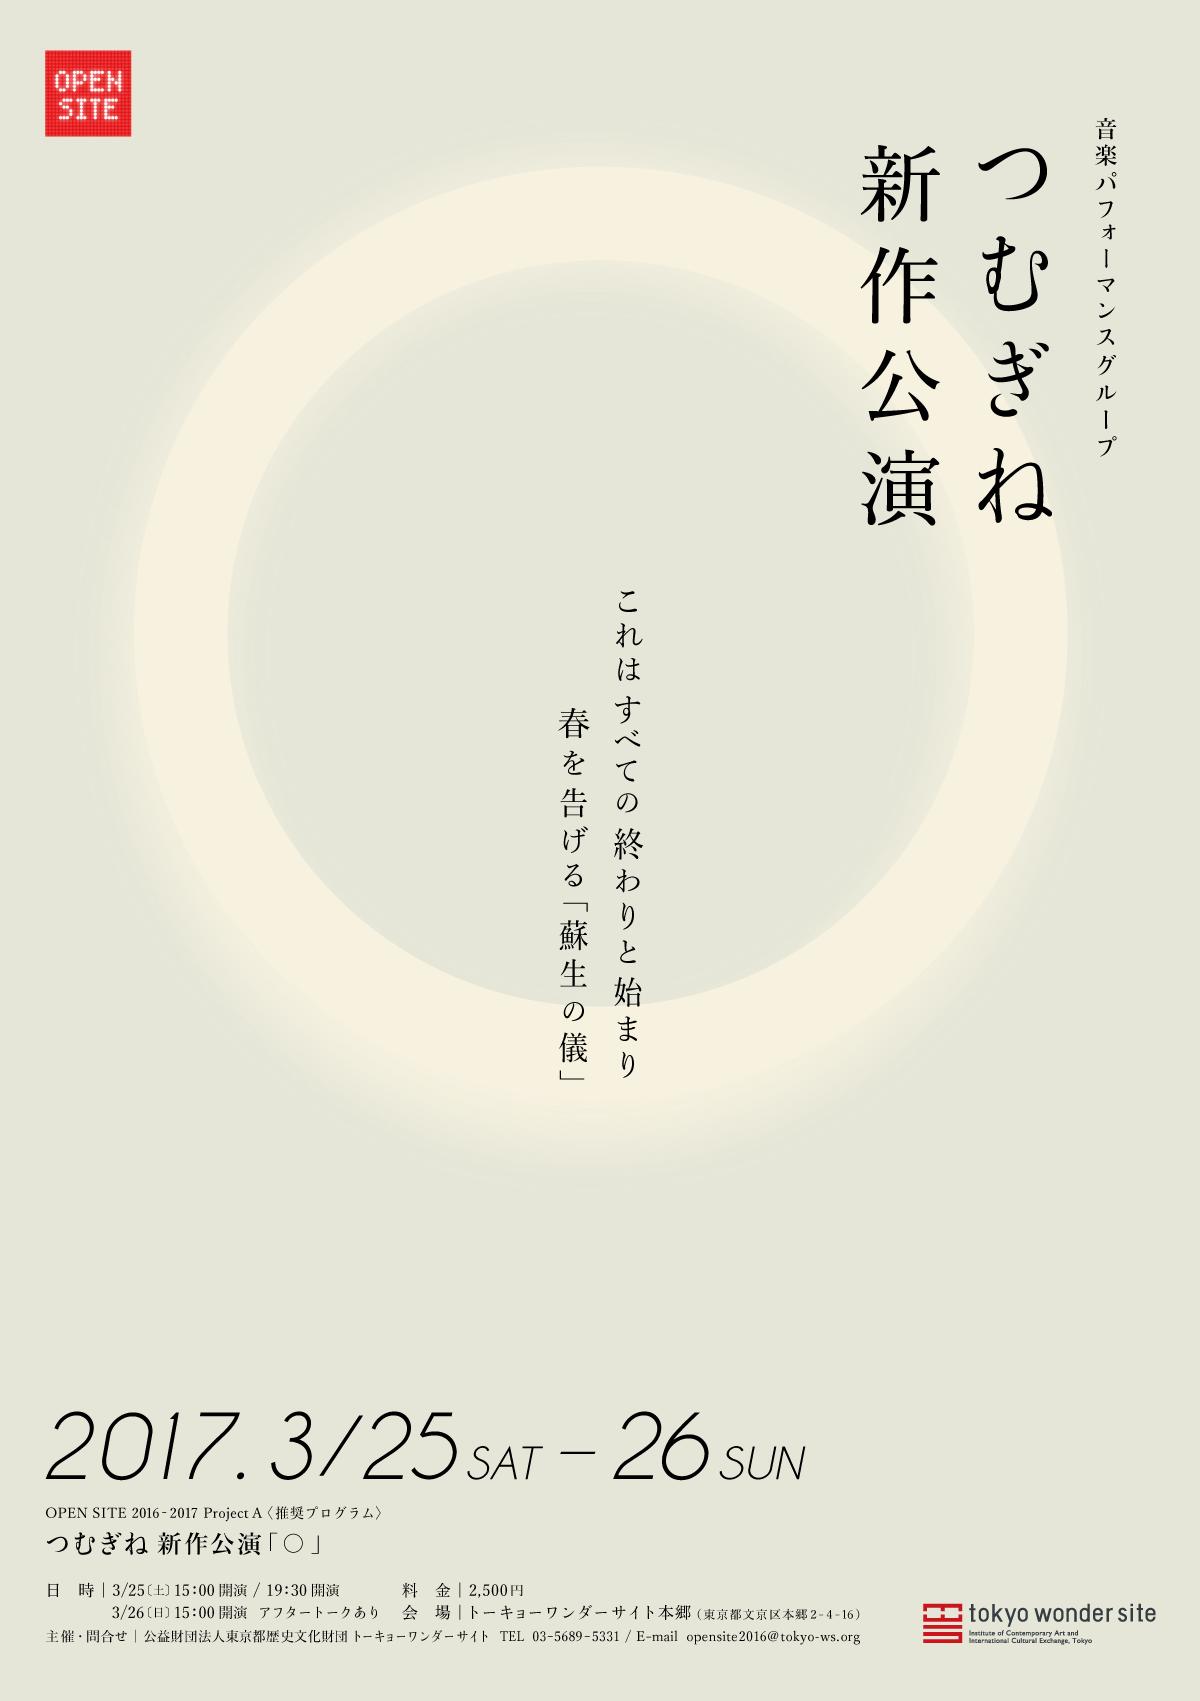 つむぎね新作公演「◯」チラシ(表)